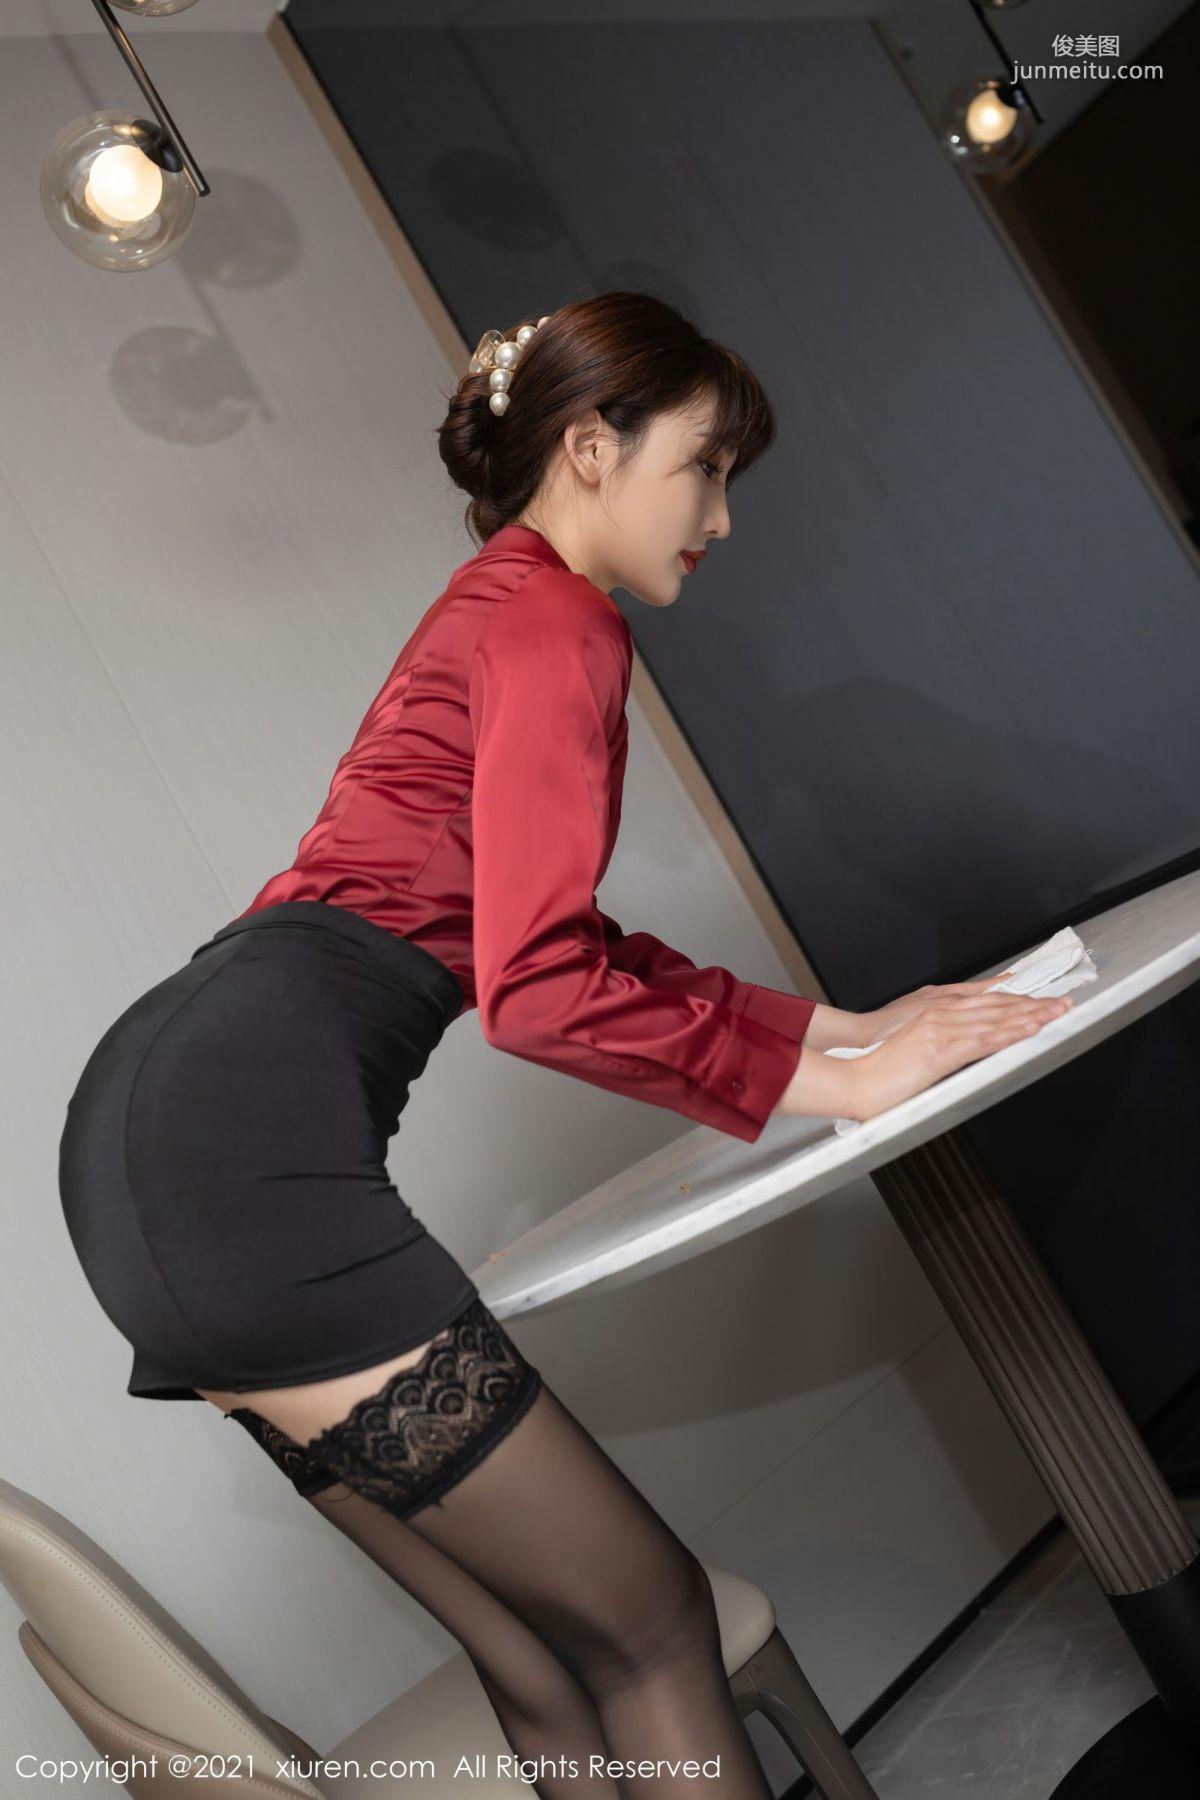 你的妻子陆萱萱 她的秘密等你发现